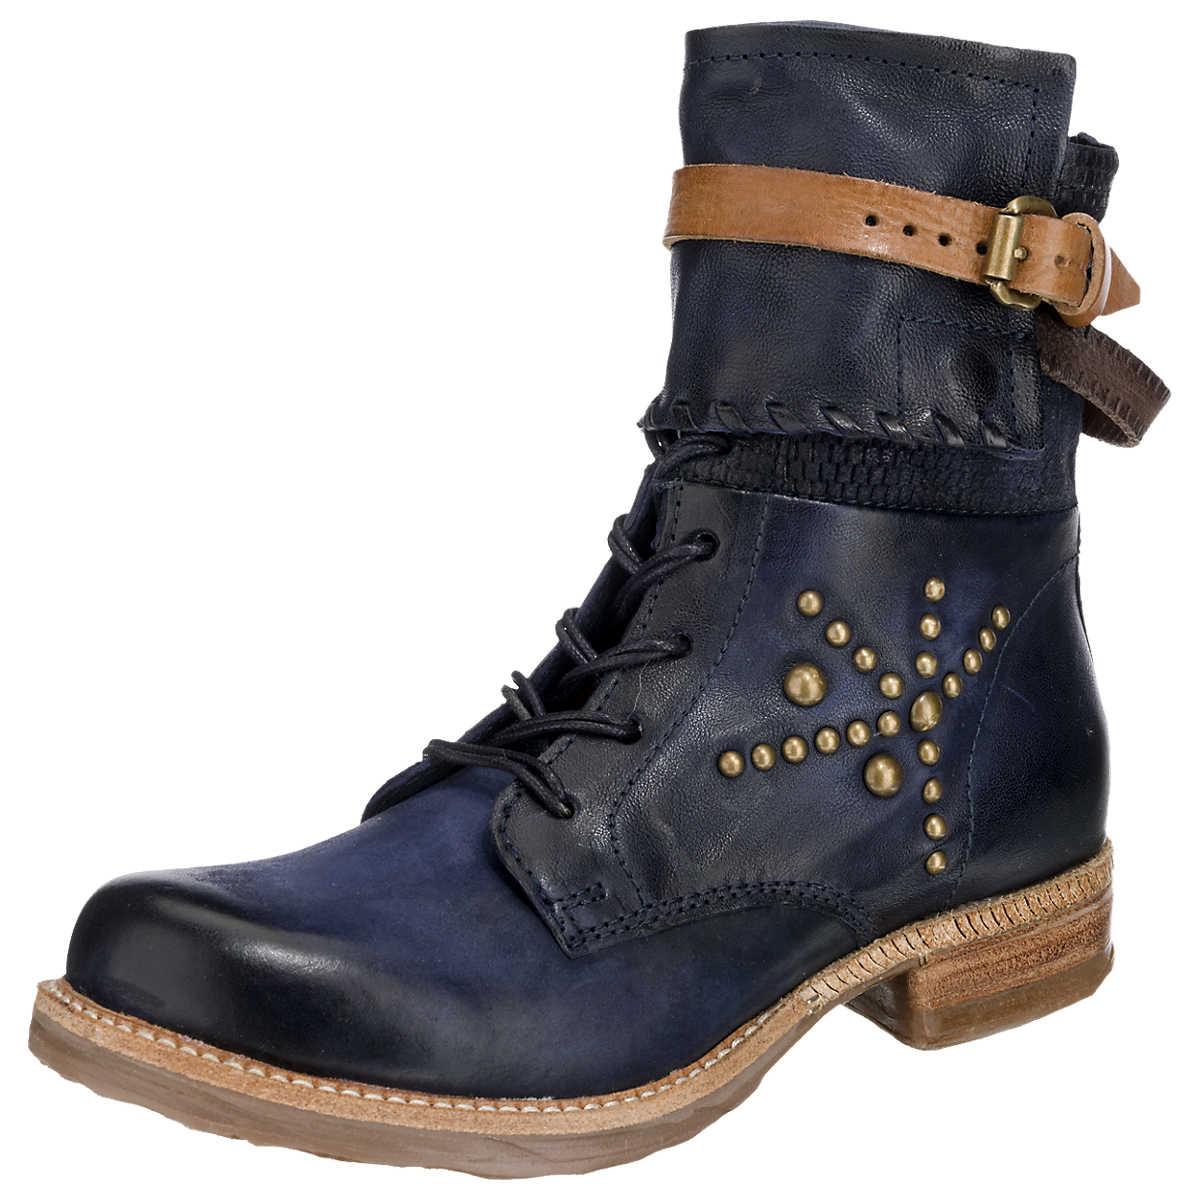 A.S.98 Saint14 Stiefeletten blau - A.S.98 - Stiefeletten - Schuhe - mirapodo.de